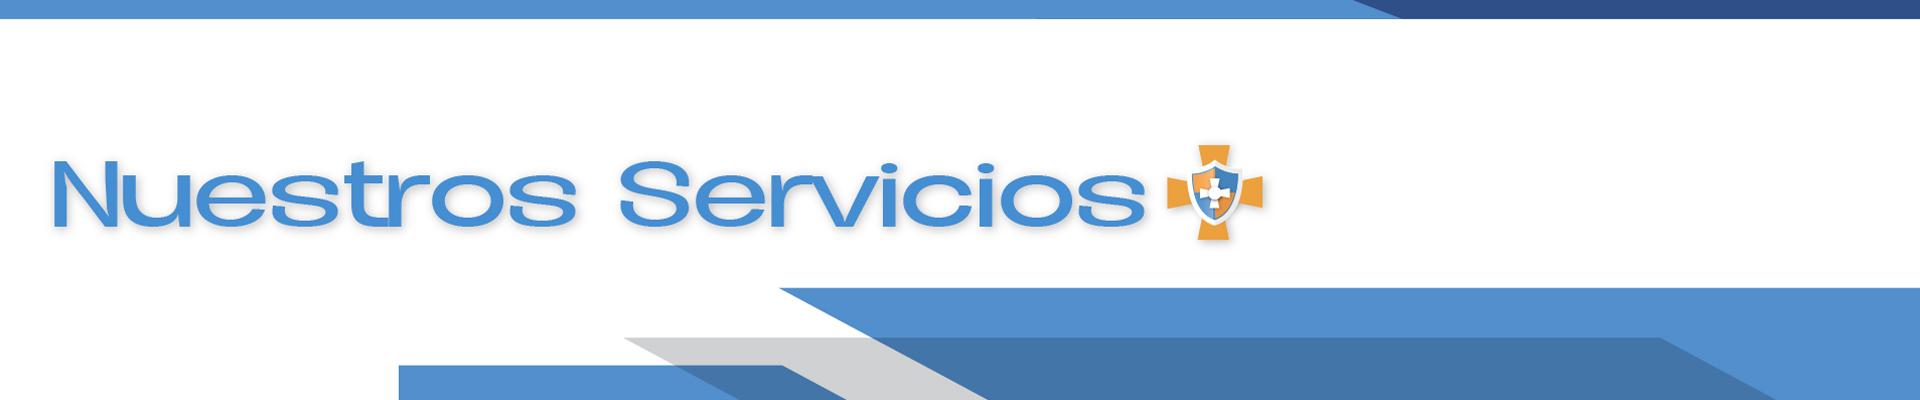 Nuestros servicios maseguro